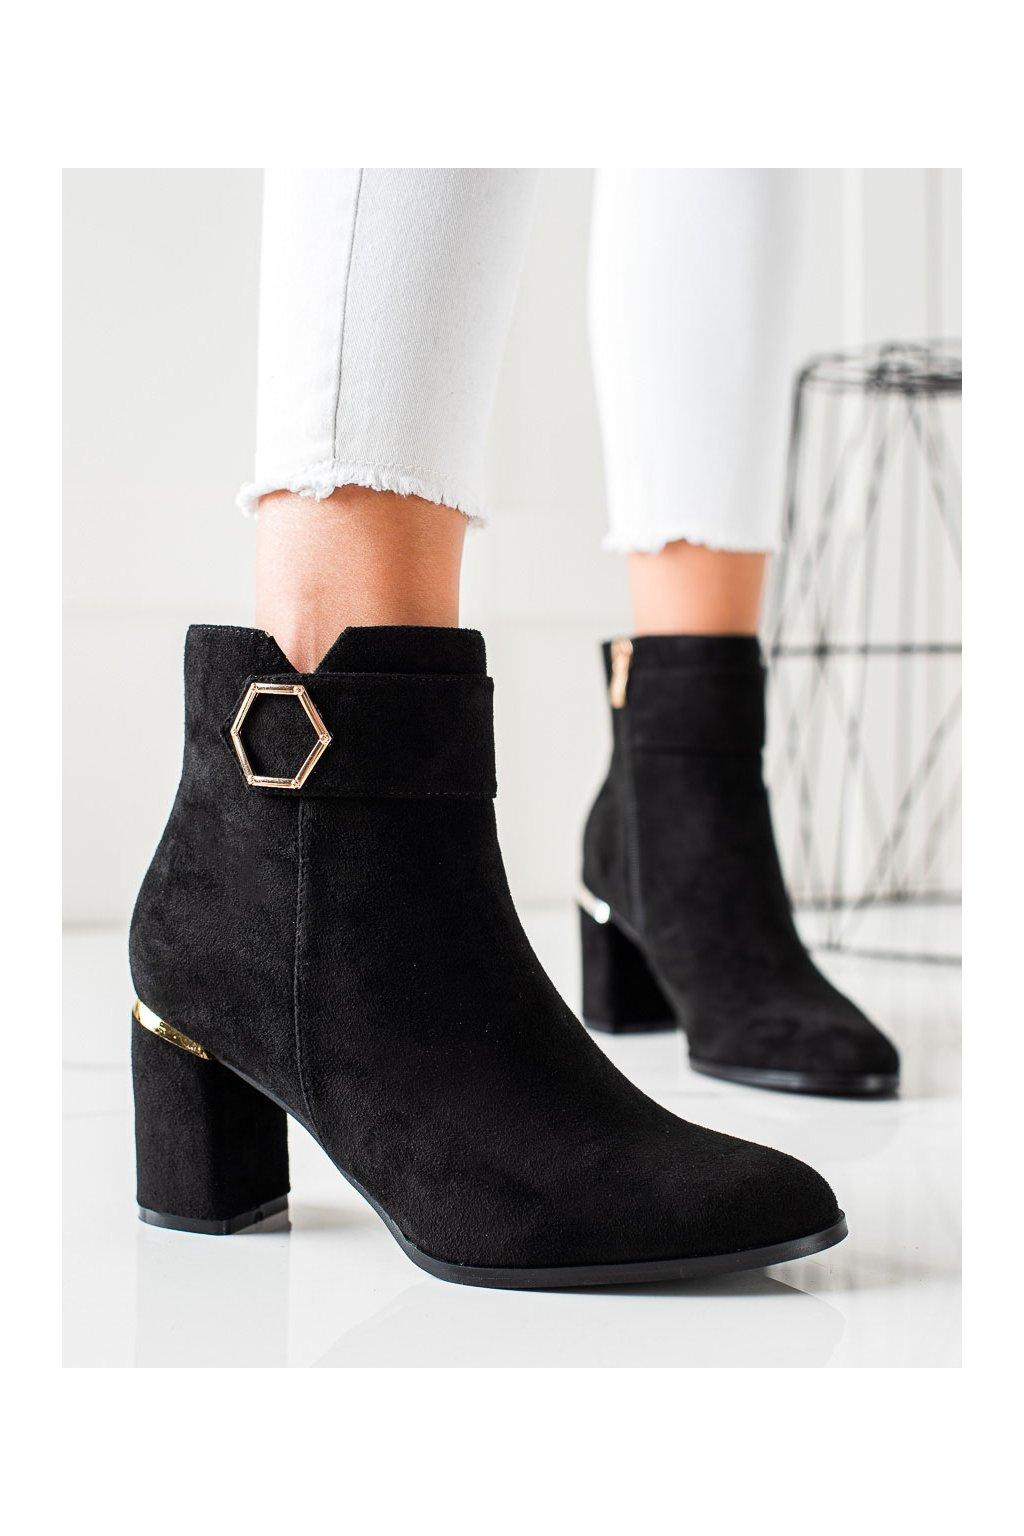 Čierne dámske topánky Goodin kod GD-DO-618B